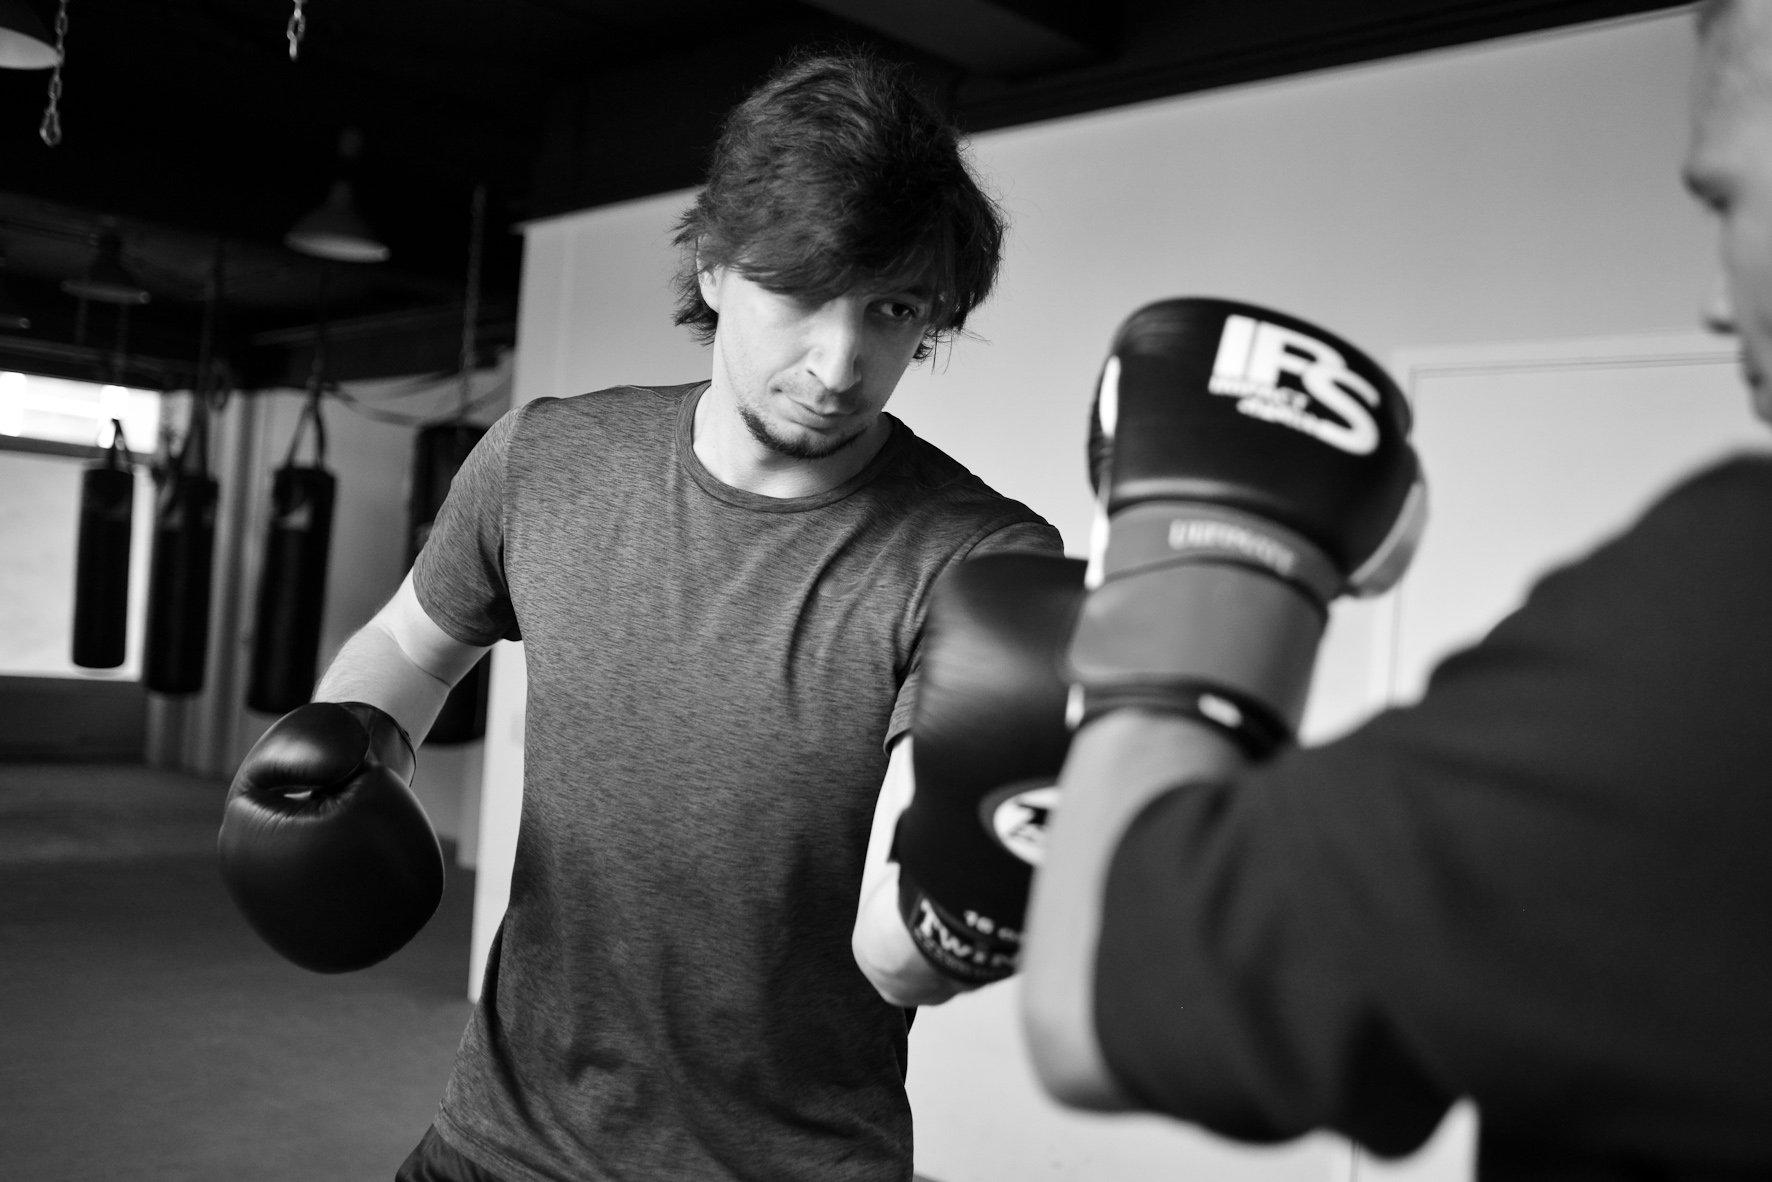 bokstherapie-62-workshops